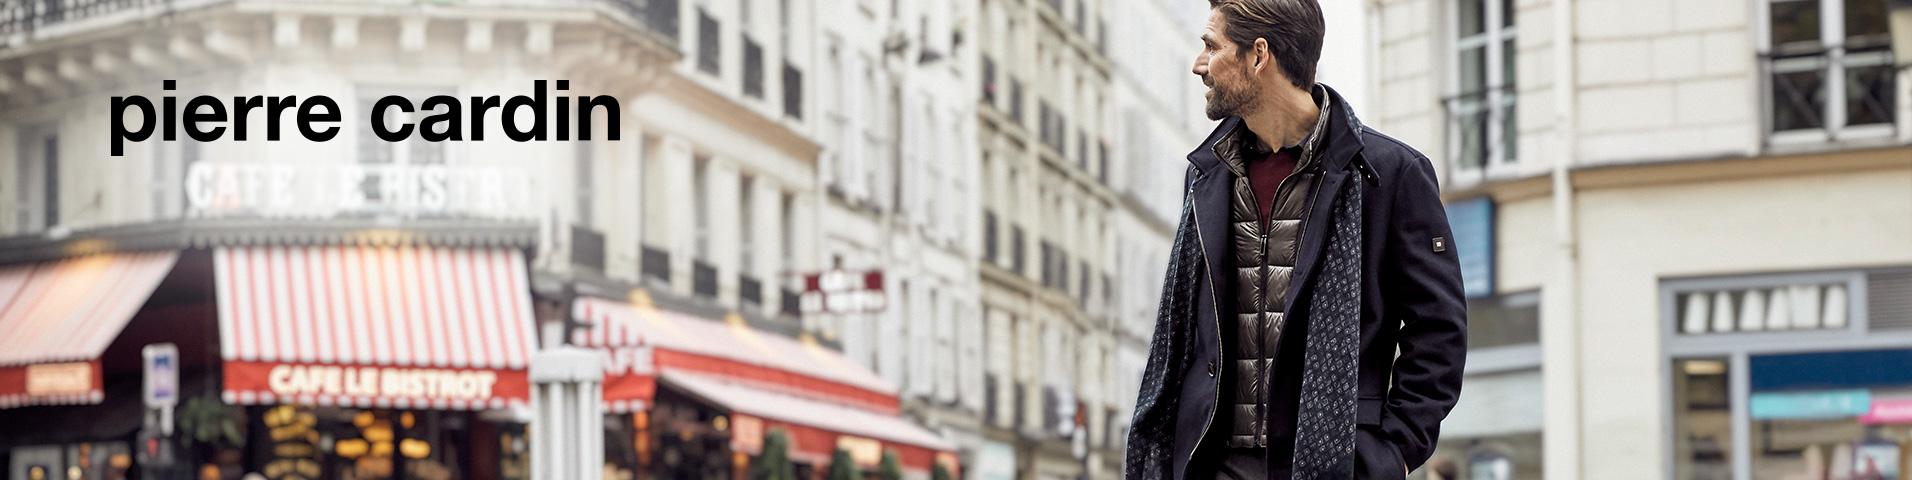 Beförderung populäres Design lässige Schuhe Pierre Cardin Online Shop | Pierre Cardin online bestellen ...